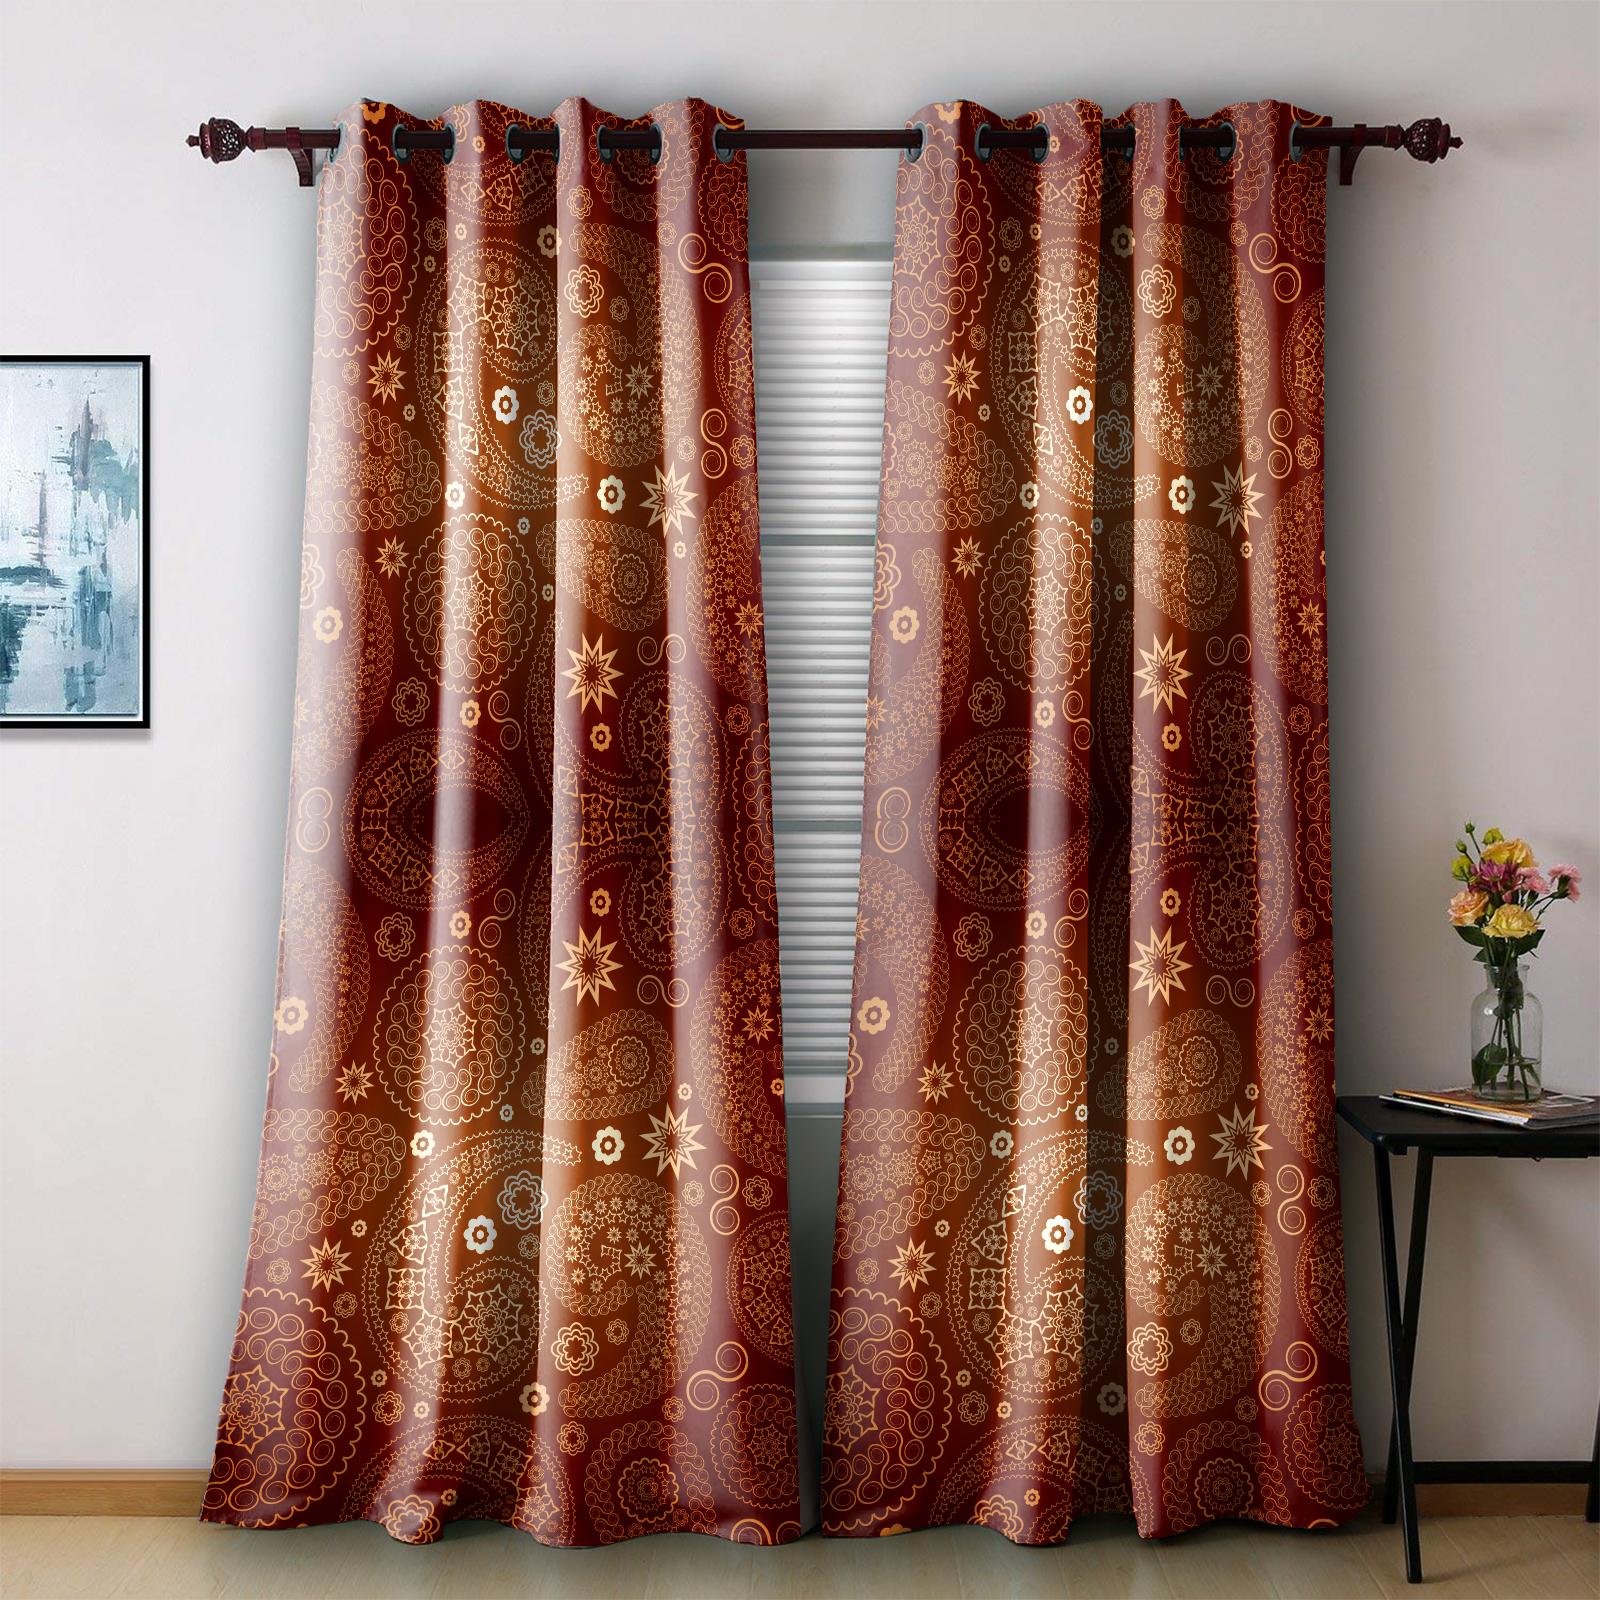 تصویر از پرده مدل curtain629